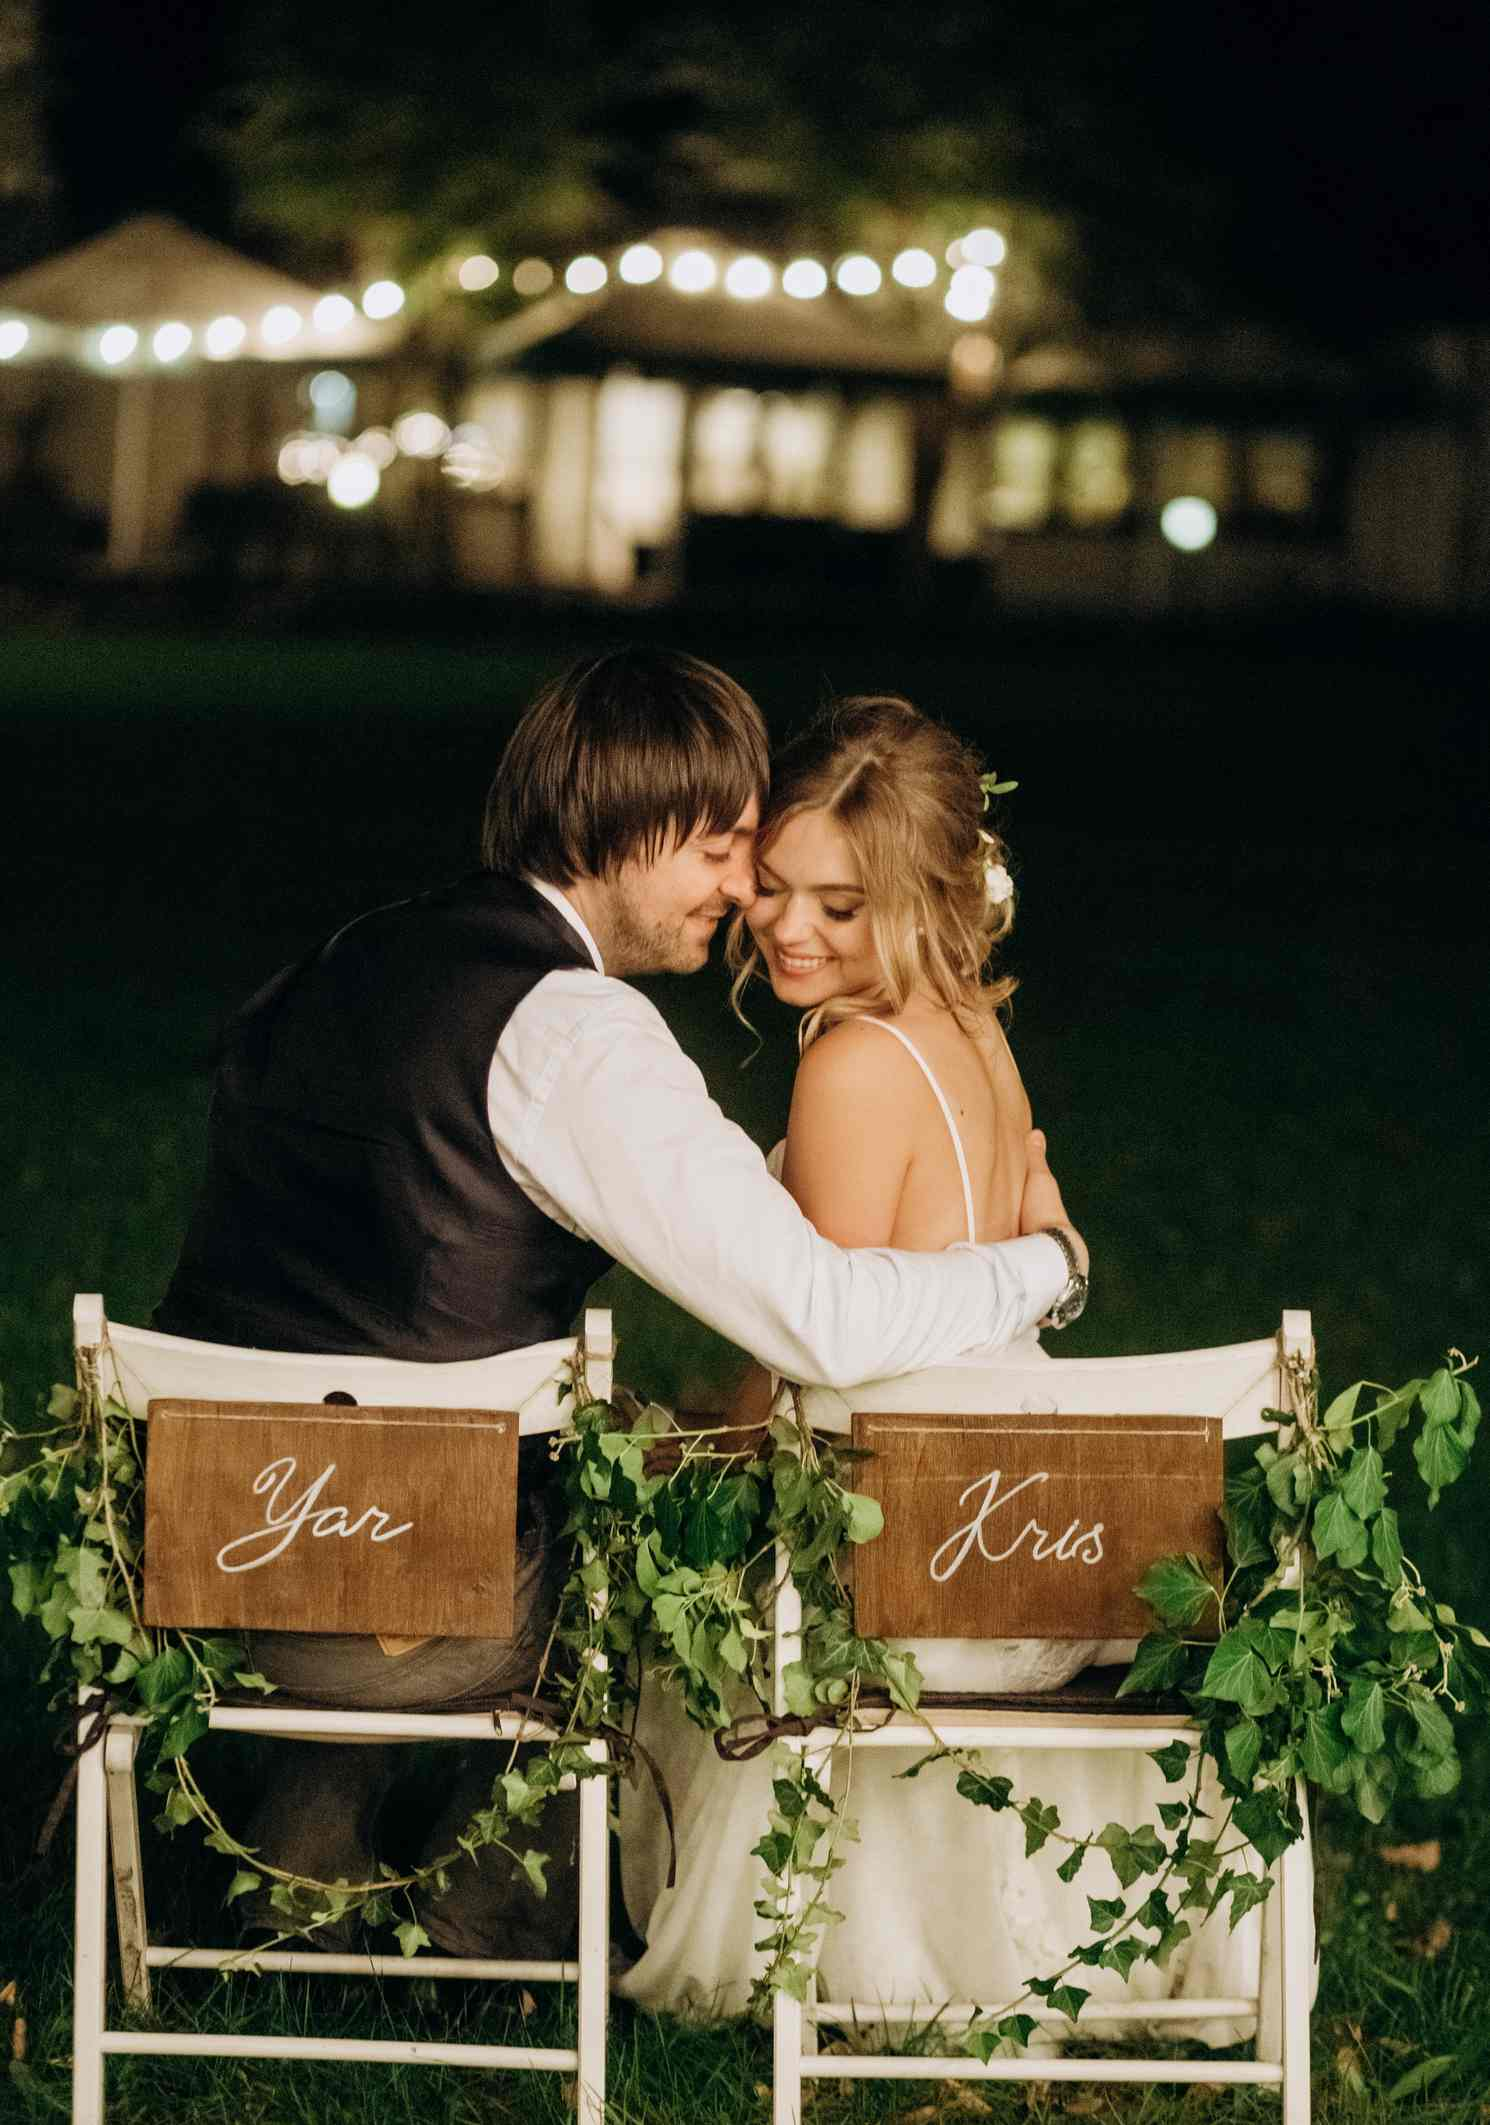 душевная свадьба муза вединг